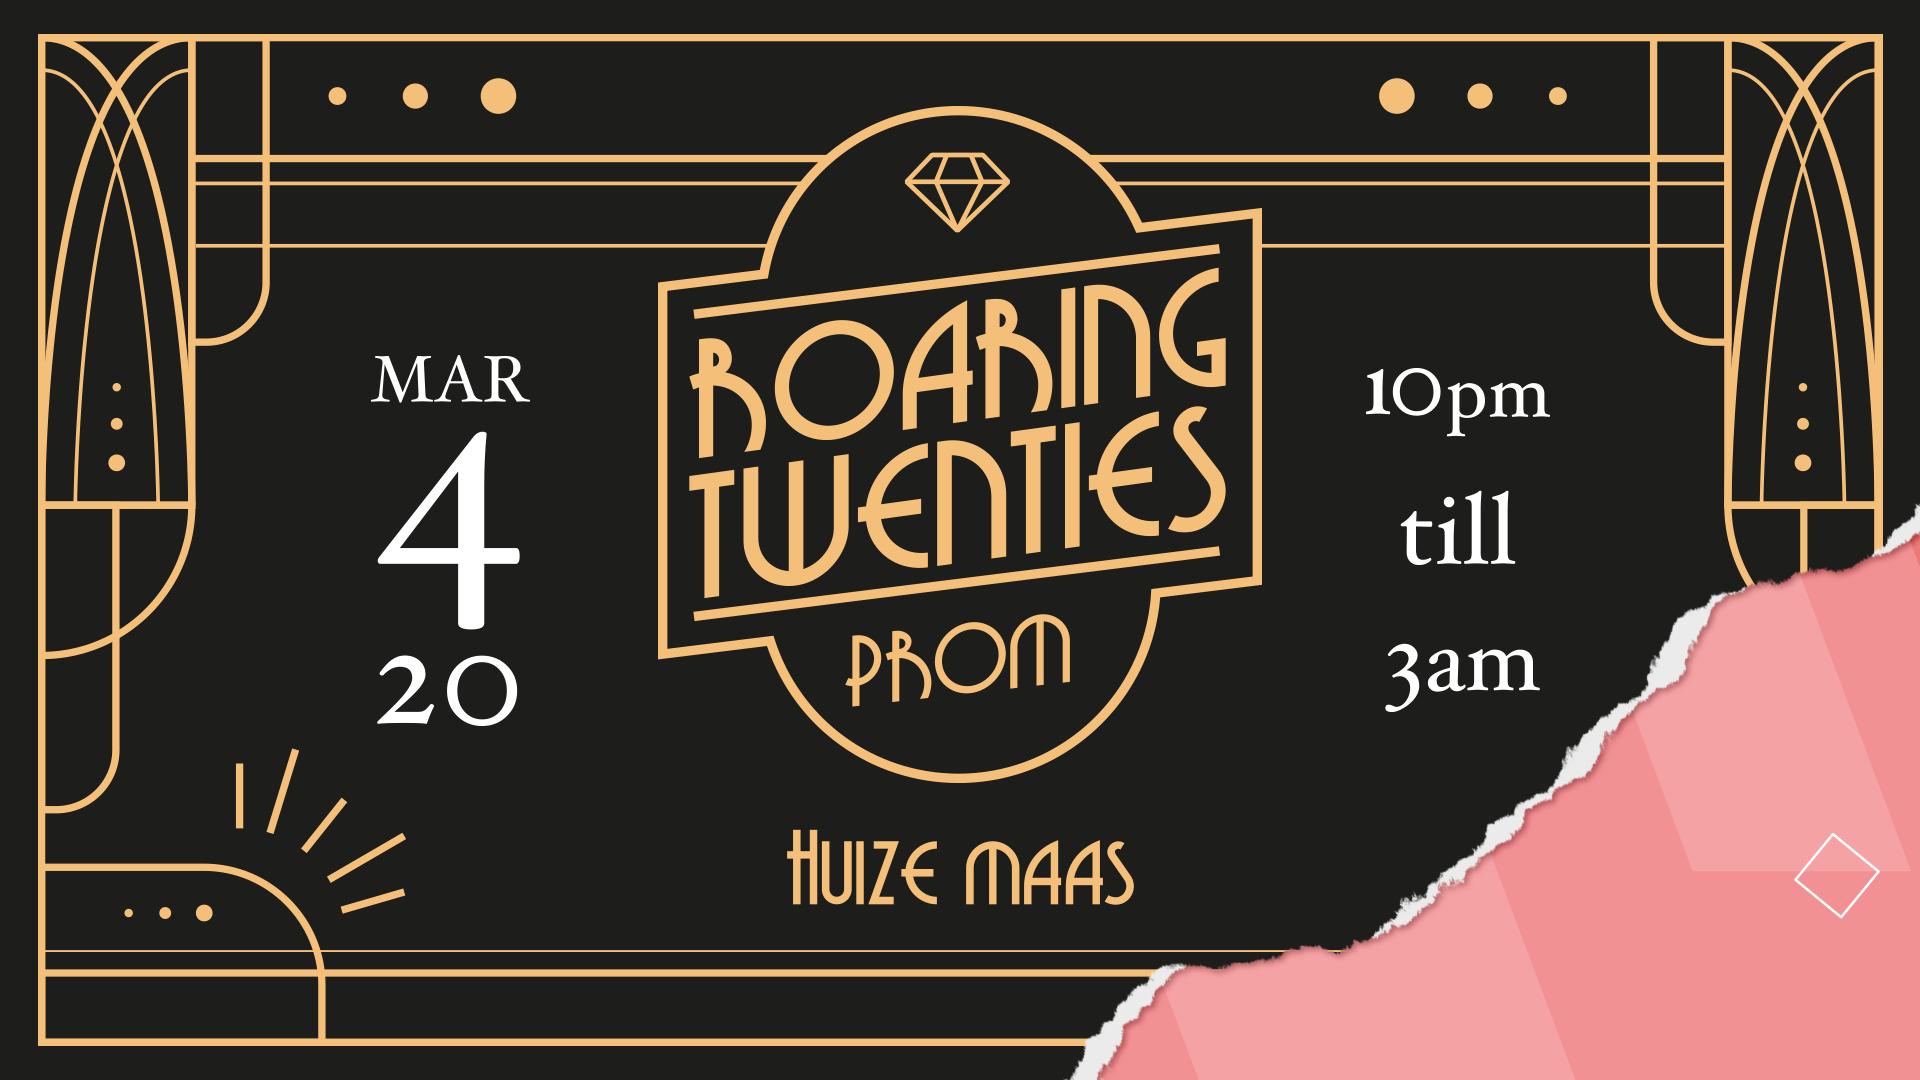 Gala 2020: Roaring Twenties